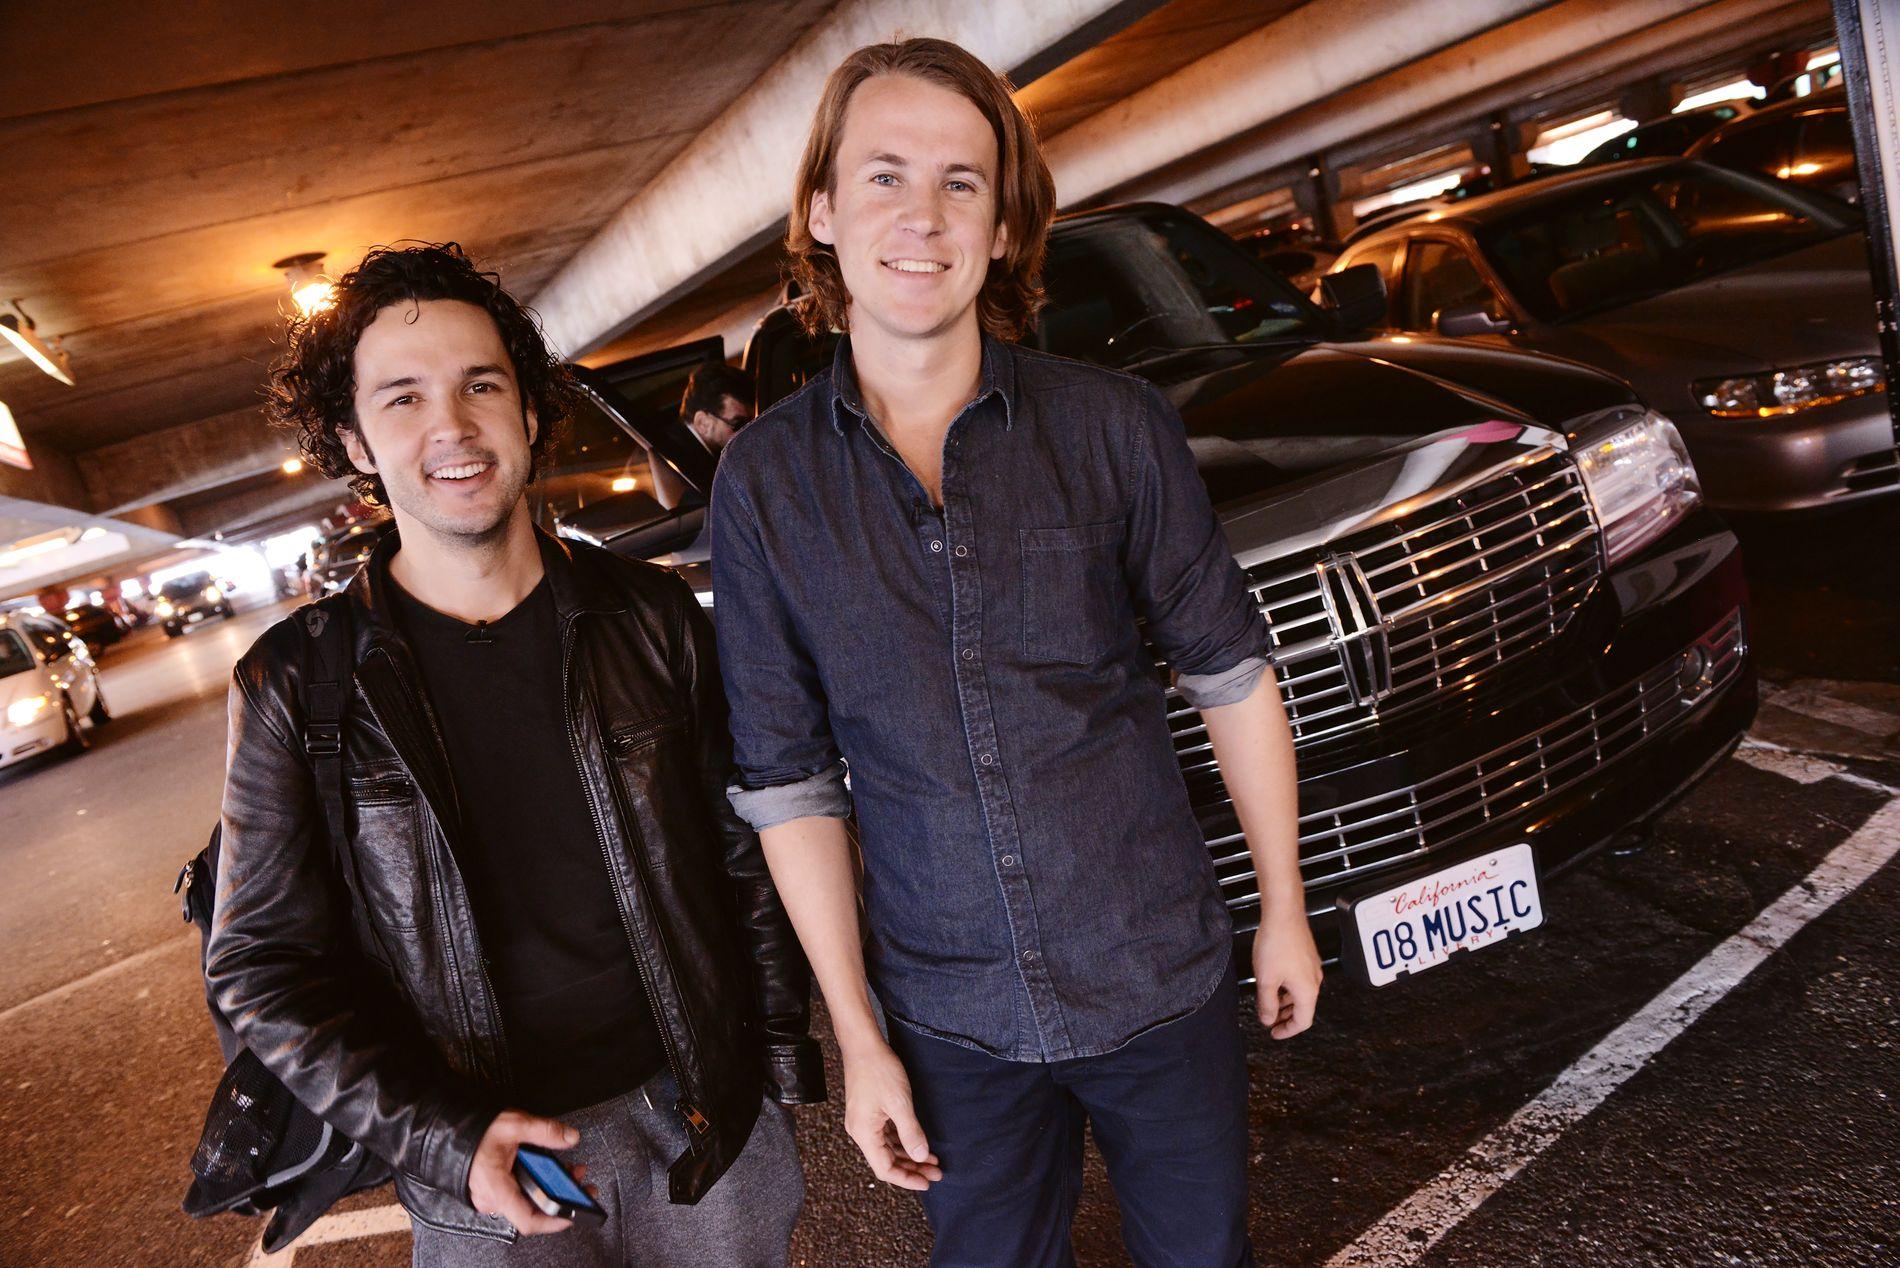 MUSIKERE: Vegard (til v.) og Bård Ylvisåker har inngått internasjonal platekontrakt med Warner Music.